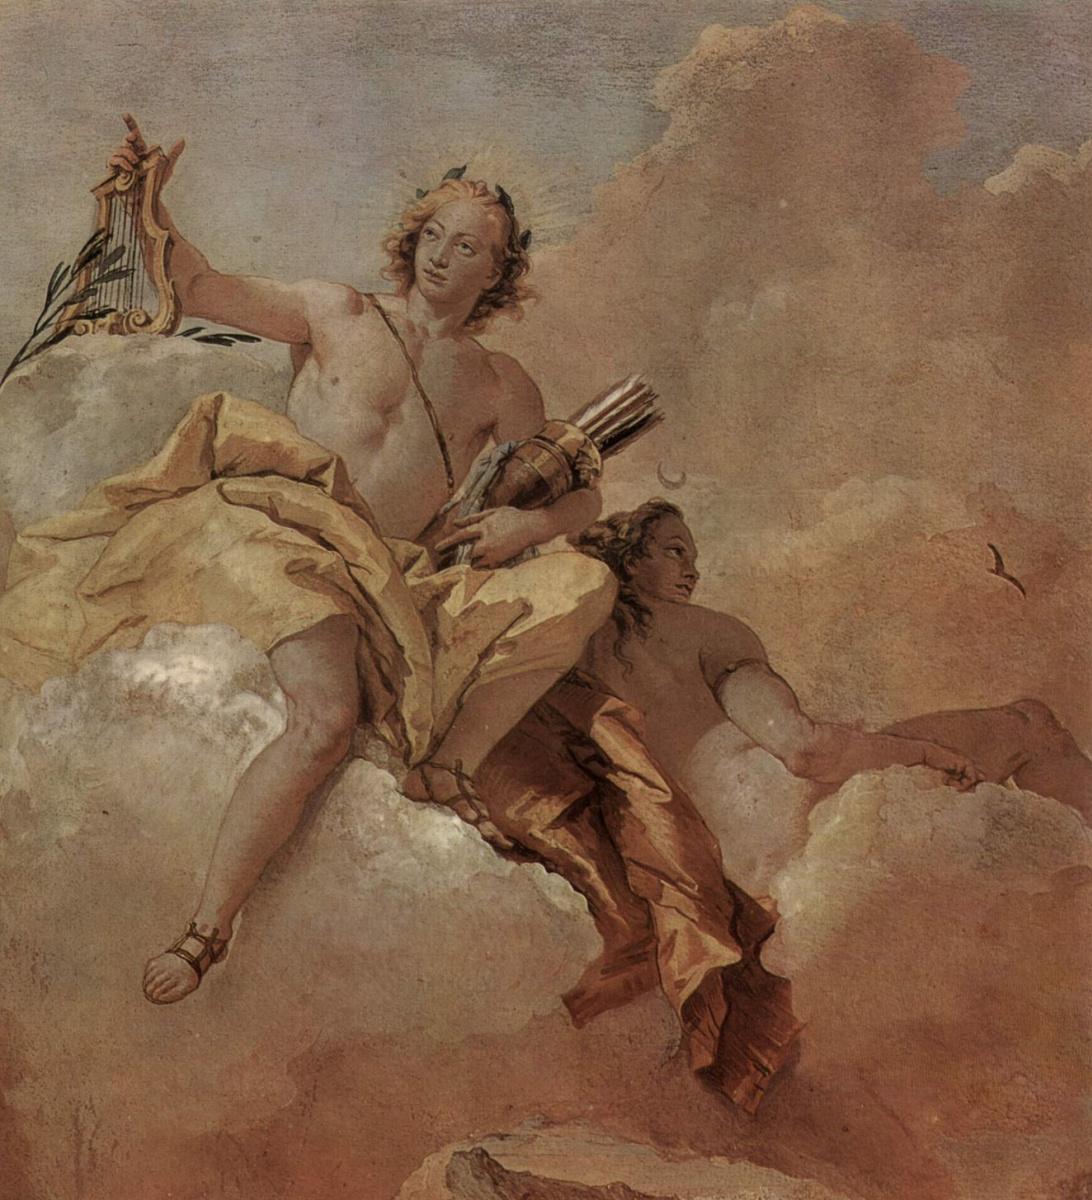 Джованни Баттиста Тьеполо. Аполлон и Диана. Фрески из виллы Валлмарана, Виченца